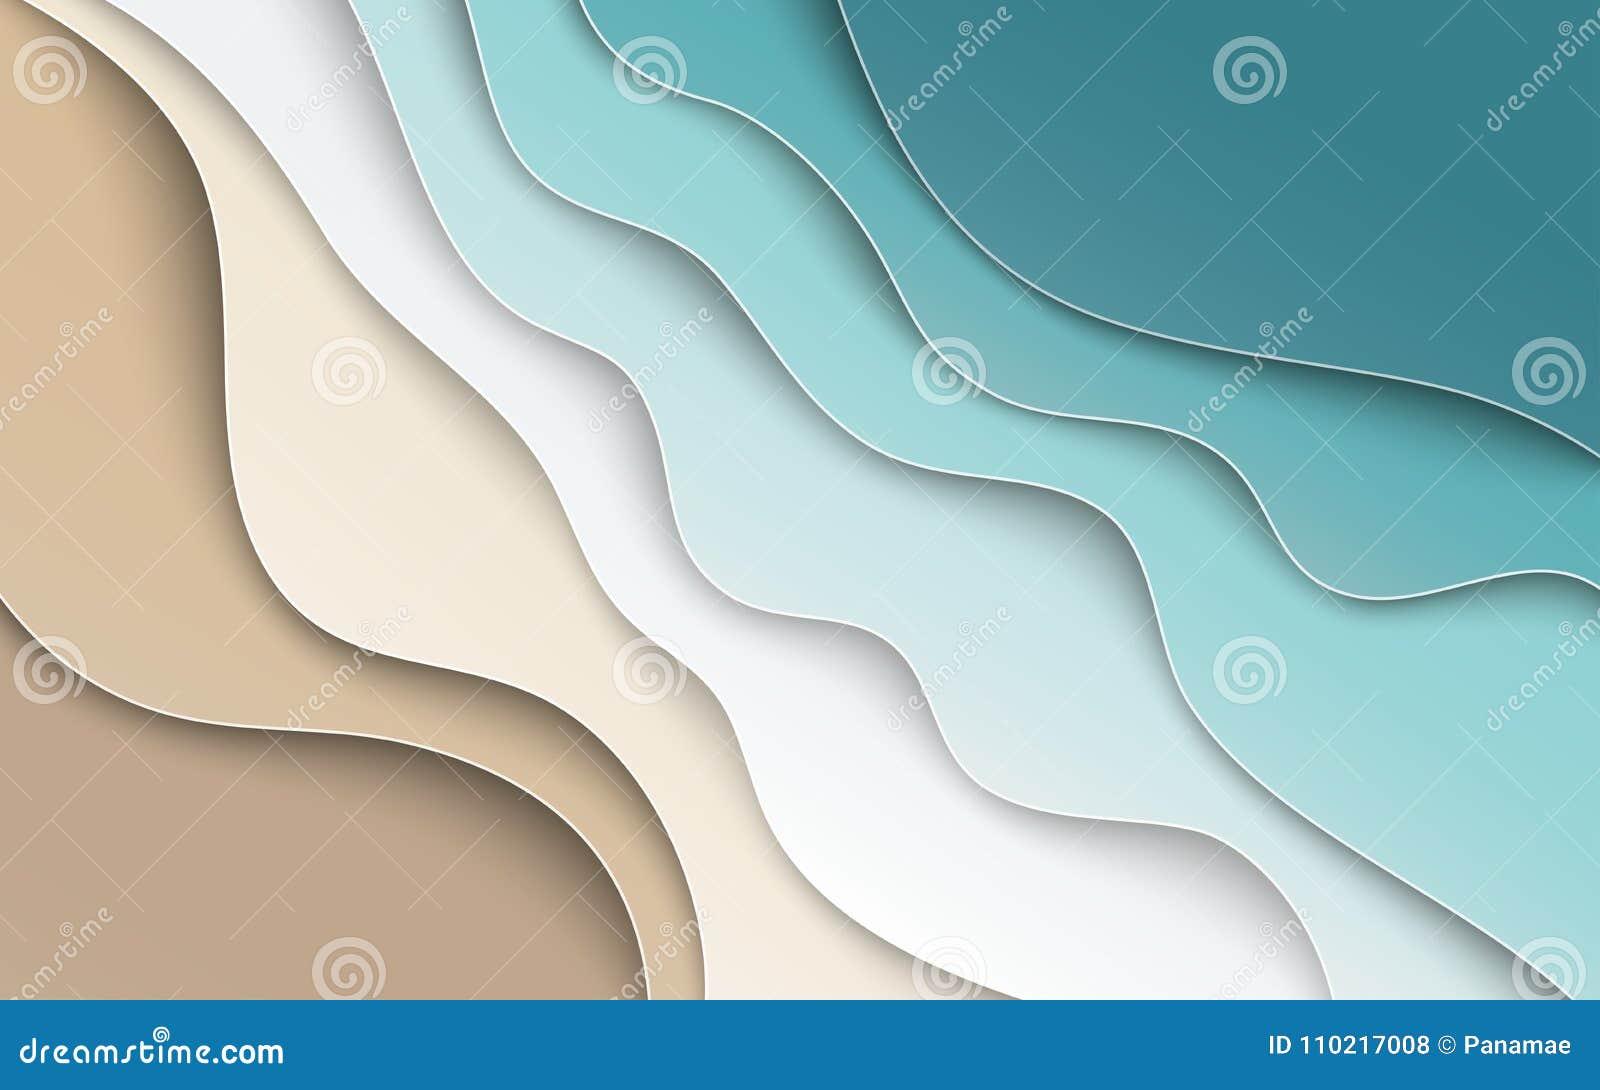 Abstrakter blauer See- und Strandsommerhintergrund mit Kurvenpapier